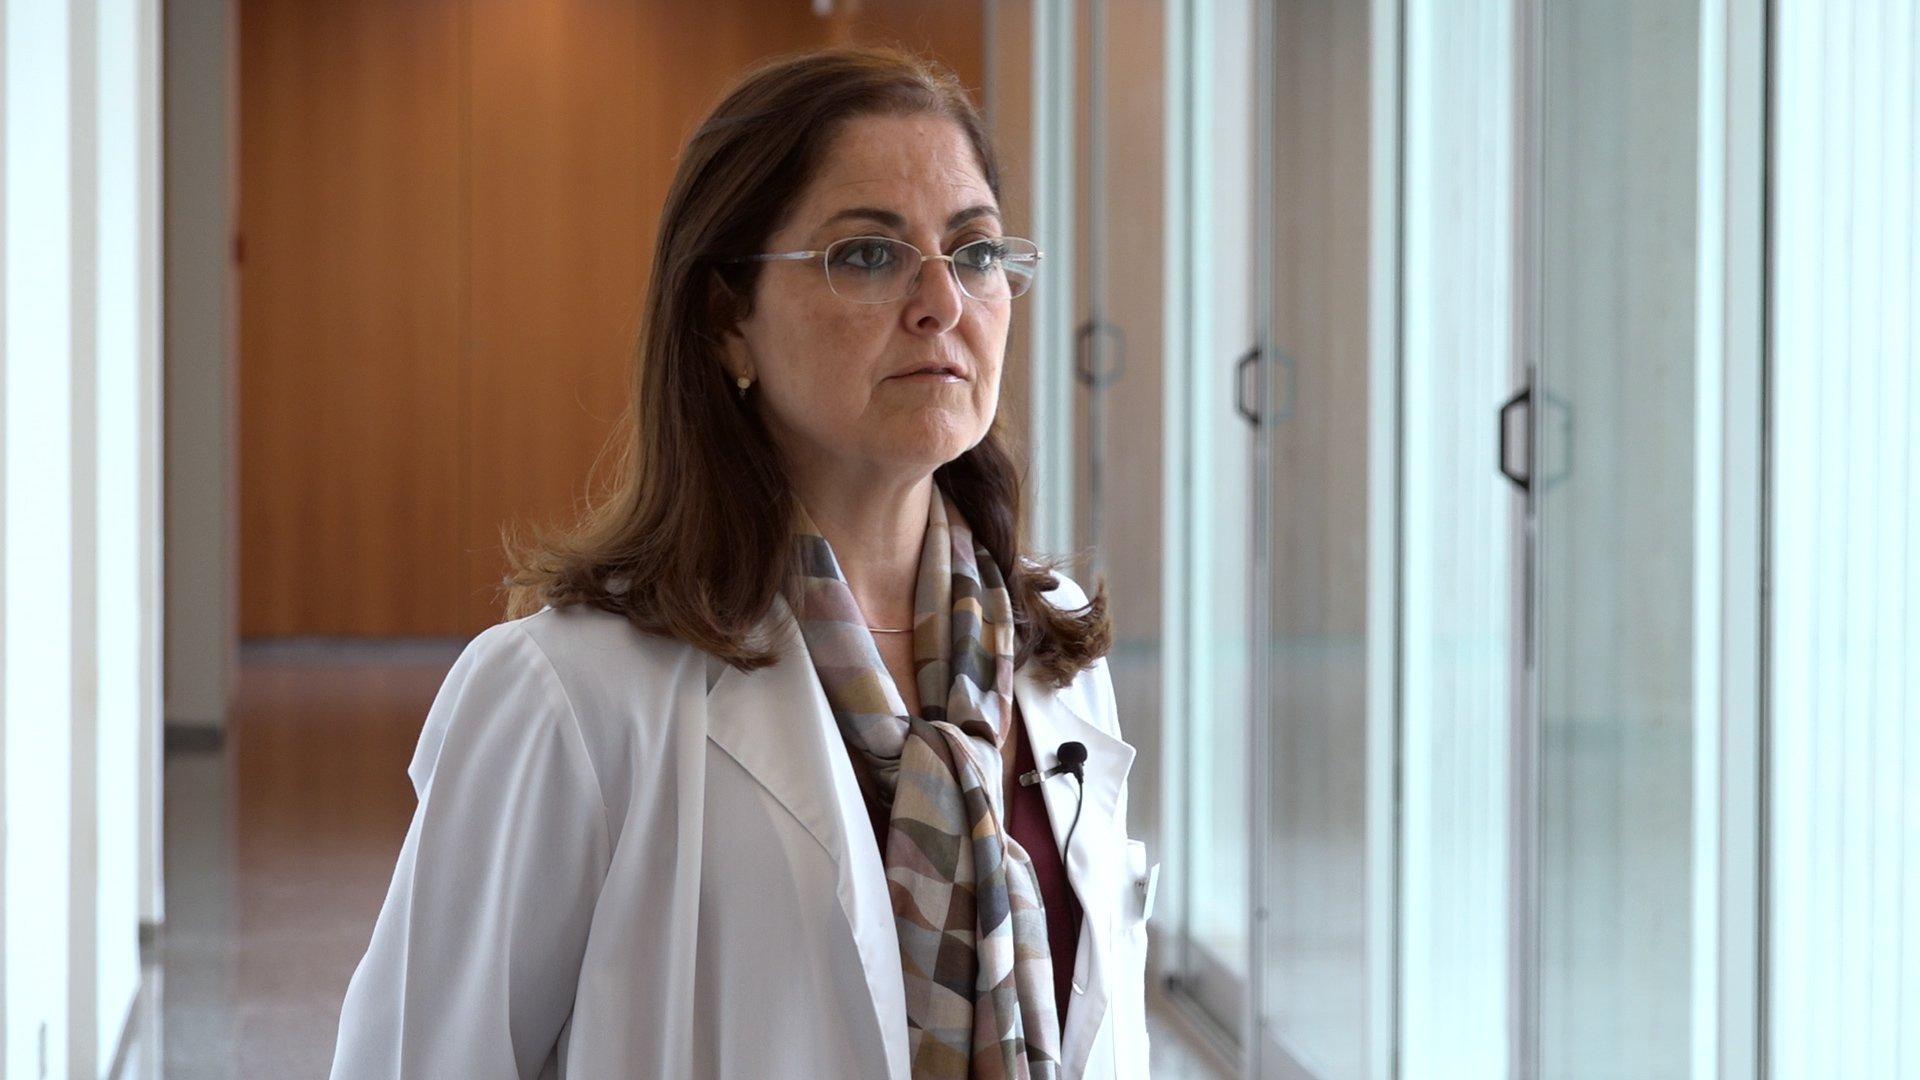 La endocrinóloga de Instituto Bernabeu Pino Navarro participa en una jornada sobre la perspectiva de género en la investigación científica de la Conselleria de Sanidad